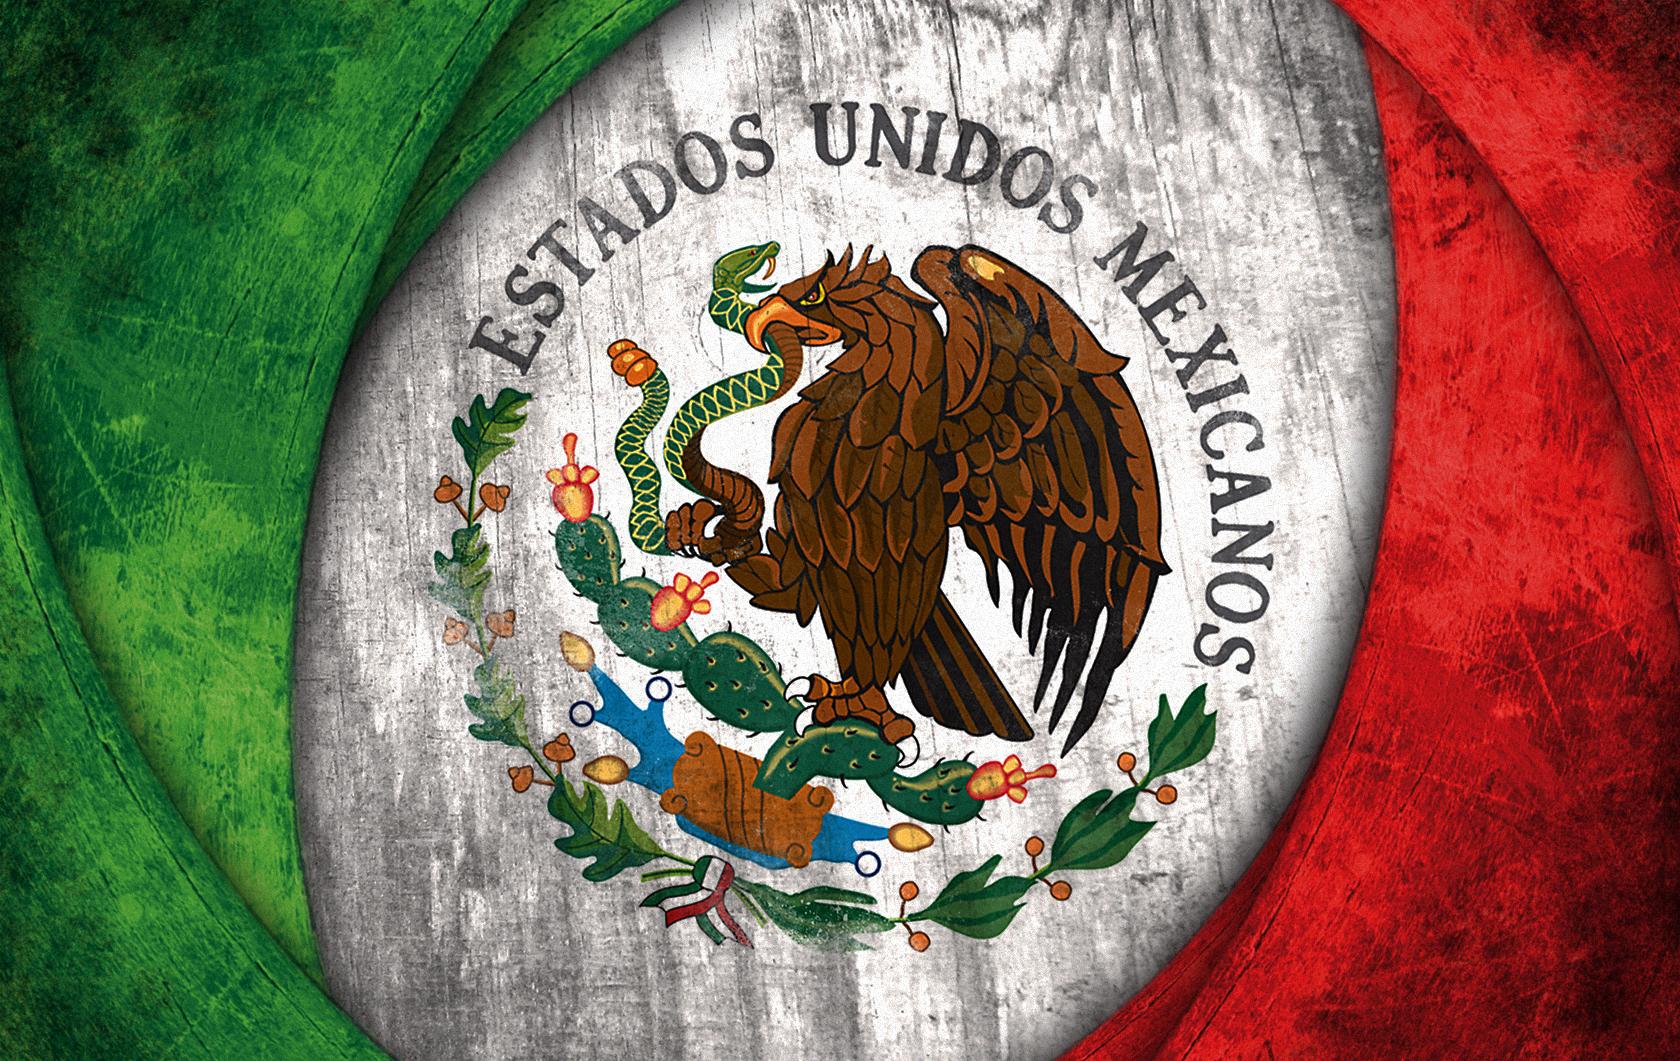 Viva Mexico Cabrones 30 by StaminaDG 1680x1061